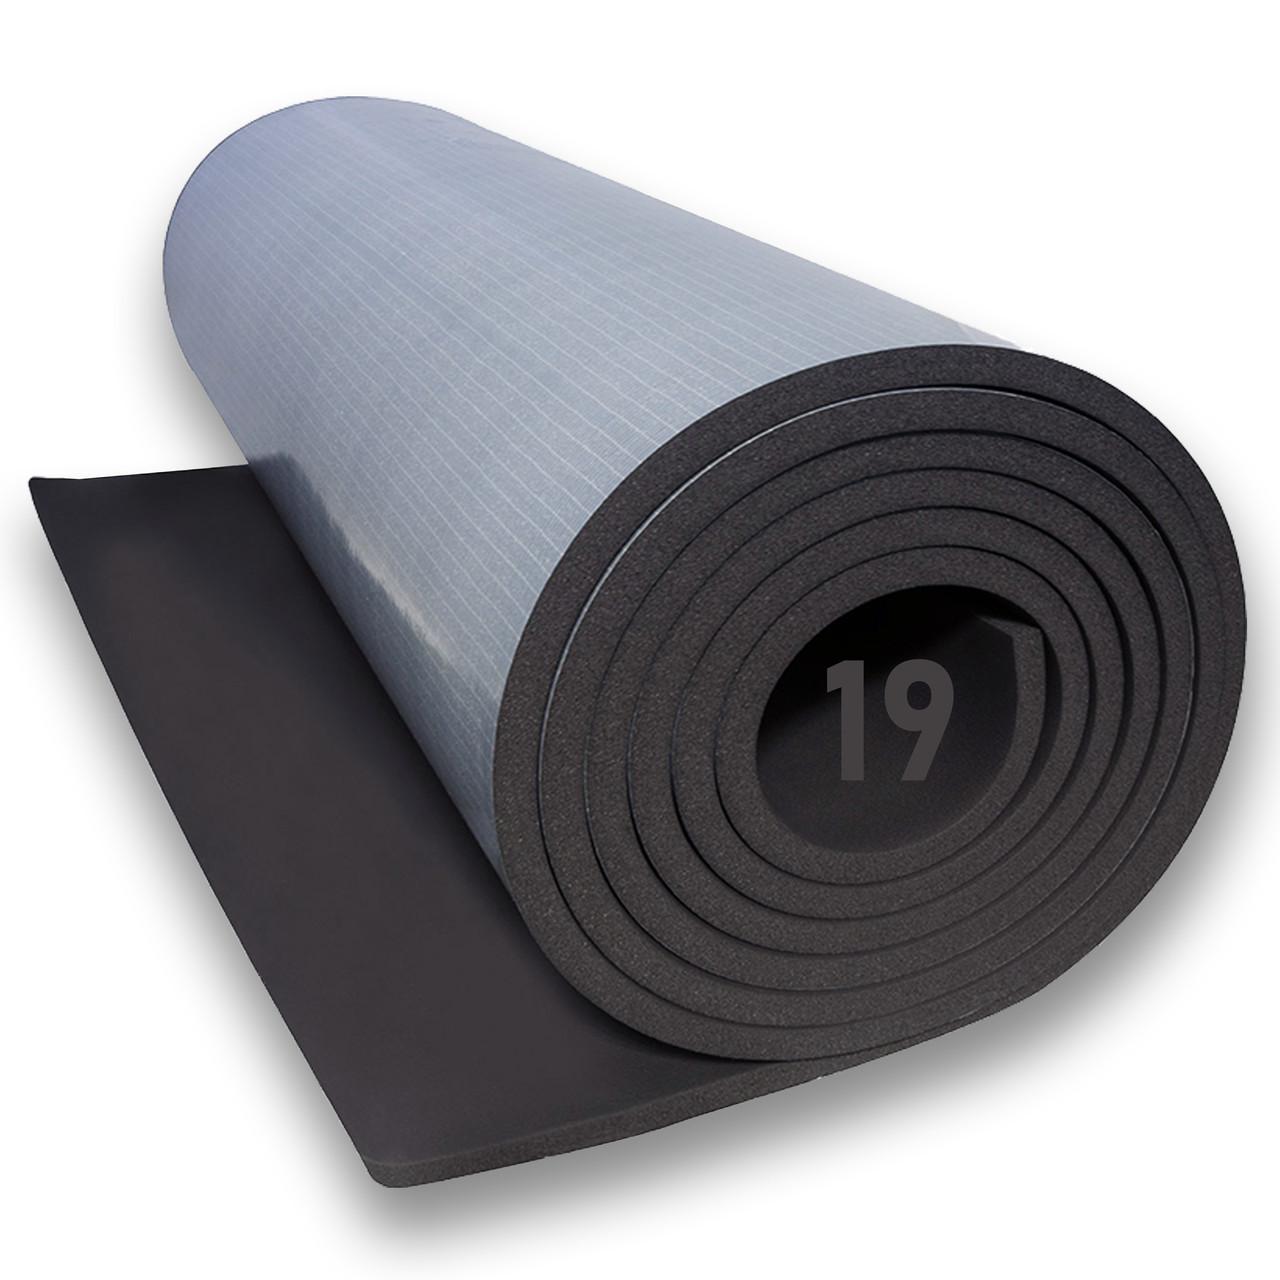 Вспененный каучук самоклеящийся 19 мм (синтетический)